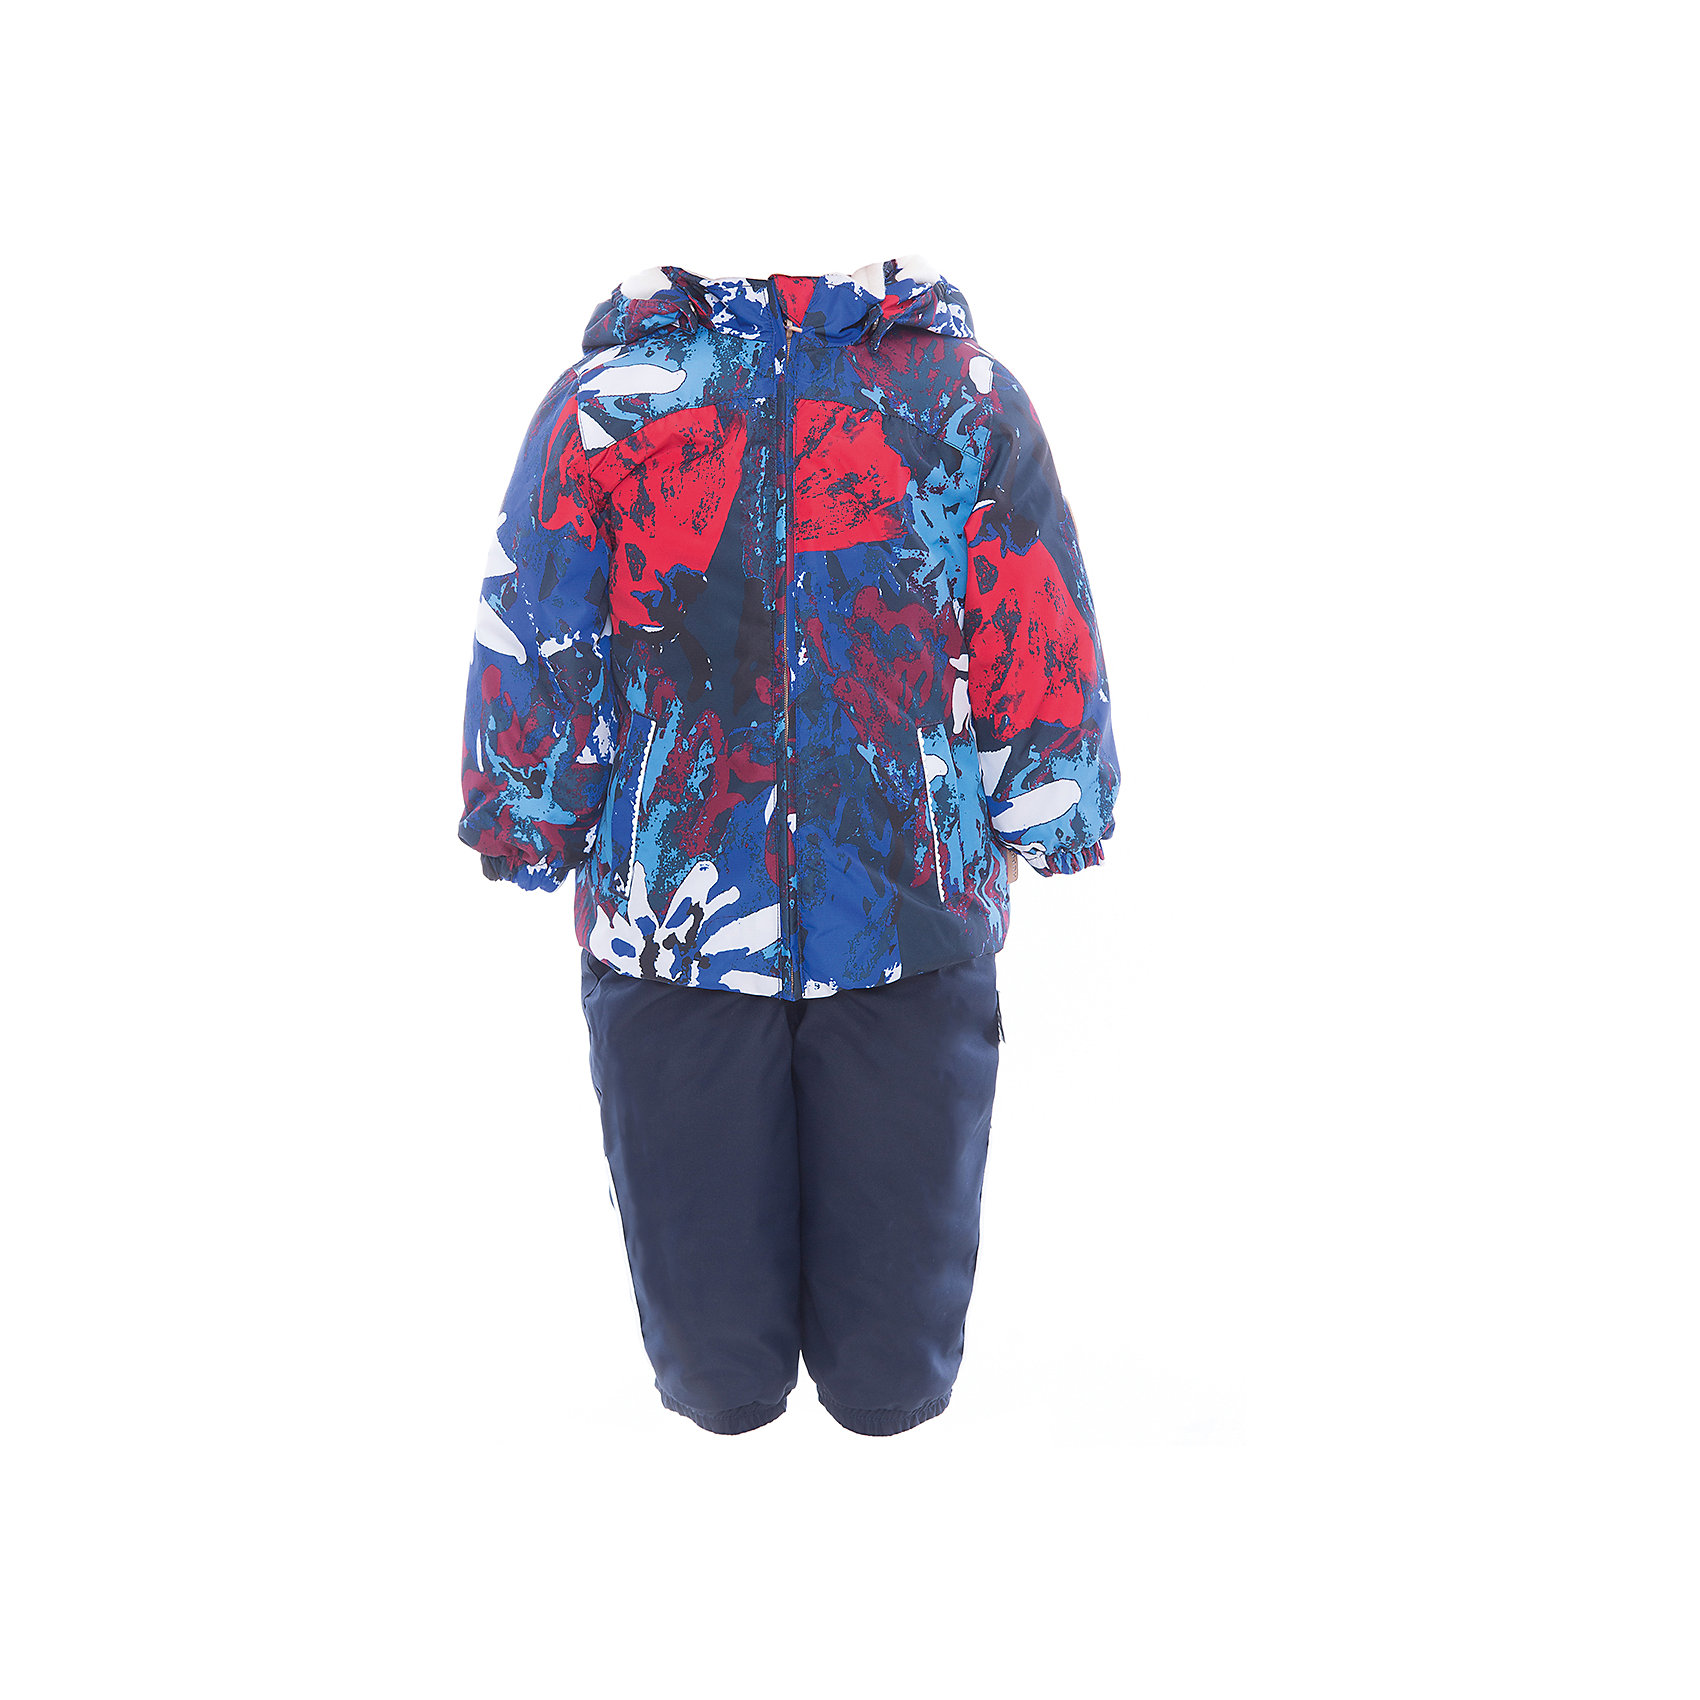 Комплект: куртка и полукомбинезон для девочки CLARA HuppaВерхняя одежда<br>Характеристики товара:<br><br>• цвет: синий принт/тёмно-синий<br>• комплектация: куртка и полукомбинезон <br>• ткань: 100% полиэстер<br>• подкладка: Coral-fleece смесь хлопка и полиэстера, в рукавах - тафта 100% полиэстер<br>• утеплитель: 100% полиэстер; куртка 100 г, полукомбинезон 40 г<br>• температурный режим: от -5°С до +10°С<br>• водонепроницаемость: верх - 5000 мм, низ - 10000 мм<br>• воздухопроницаемость: верх - 5000 мм, низ - 10000 мм<br>• светоотражающие детали<br>• шов сидения проклеен<br>• съёмный капюшон с резинкой<br>• эластичные манжеты на рукавах<br>• манжеты брюк с резинкой<br>• съёмные эластичные штрипки<br>• без внутренних швов<br>• резиновые подтяжки<br>• коллекция: весна-лето 2017<br>• страна бренда: Эстония<br><br>Такой модный демисезонный комплект  обеспечит детям тепло и комфорт. Он сделан из материала, отталкивающего воду, и дополнен подкладкой с утеплителем, поэтому изделие идеально подходит для межсезонья. Материал изделий - с мембранной технологией: защищая от влаги и ветра, он легко выводит лишнюю влагу наружу. Комплект очень симпатично смотрится. <br><br>Одежда и обувь от популярного эстонского бренда Huppa - отличный вариант одеть ребенка можно и комфортно. Вещи, выпускаемые компанией, качественные, продуманные и очень удобные. Для производства изделий используются только безопасные для детей материалы. Продукция от Huppa порадует и детей, и их родителей!<br><br>Комплект: куртка и полукомбинезон CLARA от бренда Huppa (Хуппа) можно купить в нашем интернет-магазине.<br><br>Ширина мм: 356<br>Глубина мм: 10<br>Высота мм: 245<br>Вес г: 519<br>Цвет: синий<br>Возраст от месяцев: 48<br>Возраст до месяцев: 60<br>Пол: Женский<br>Возраст: Детский<br>Размер: 110,80,86,92,98,104<br>SKU: 5346594